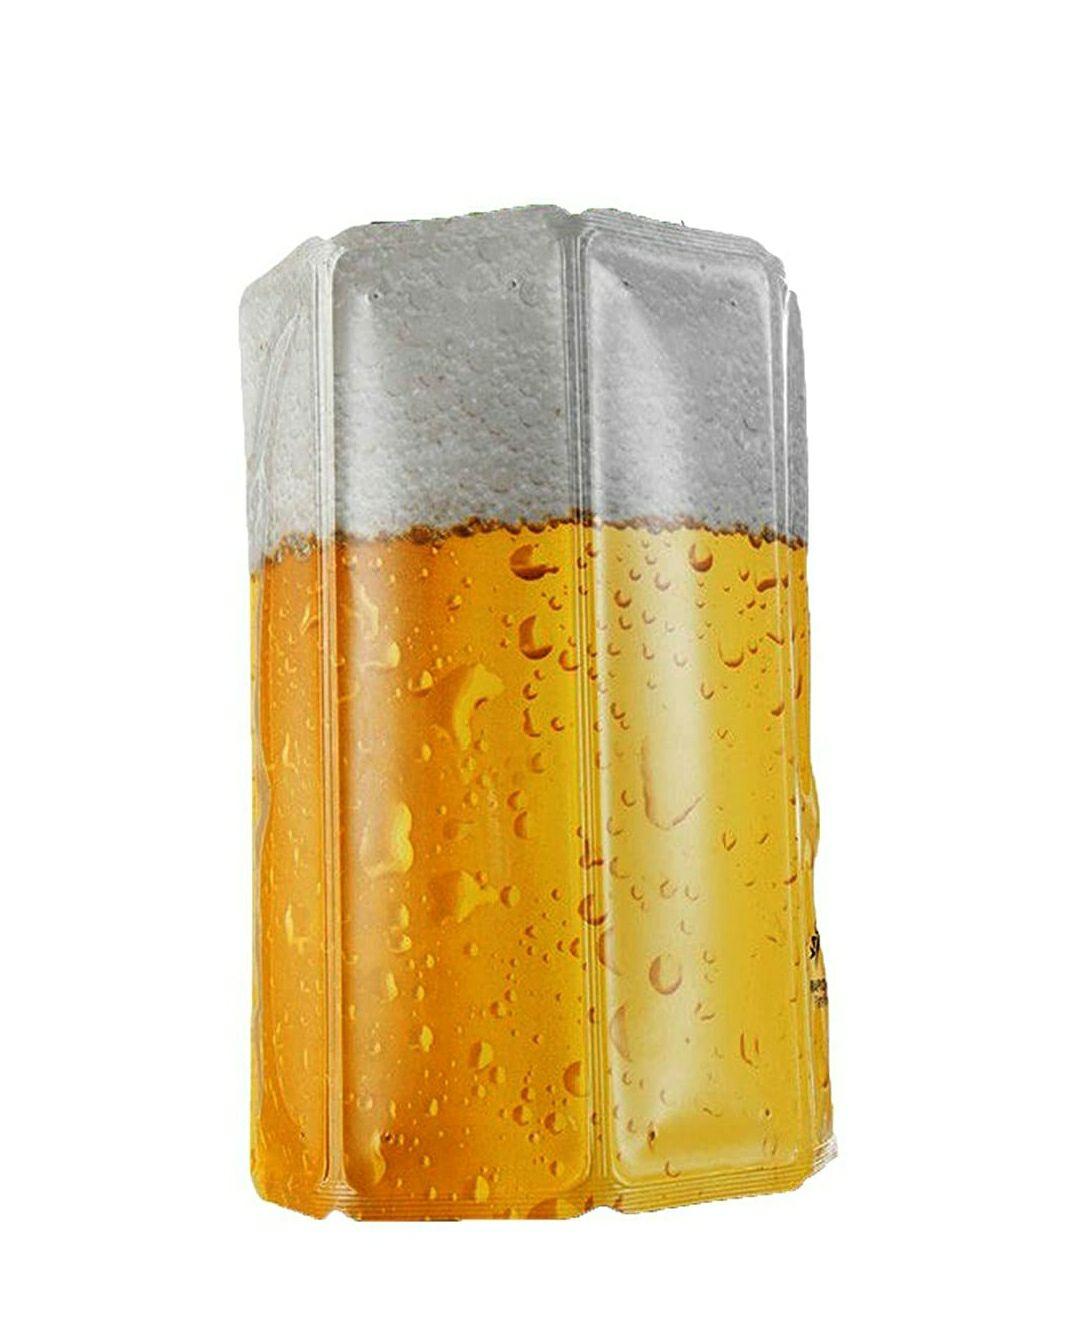 Enfriador para latas o botellín, Blanco/Amarillo